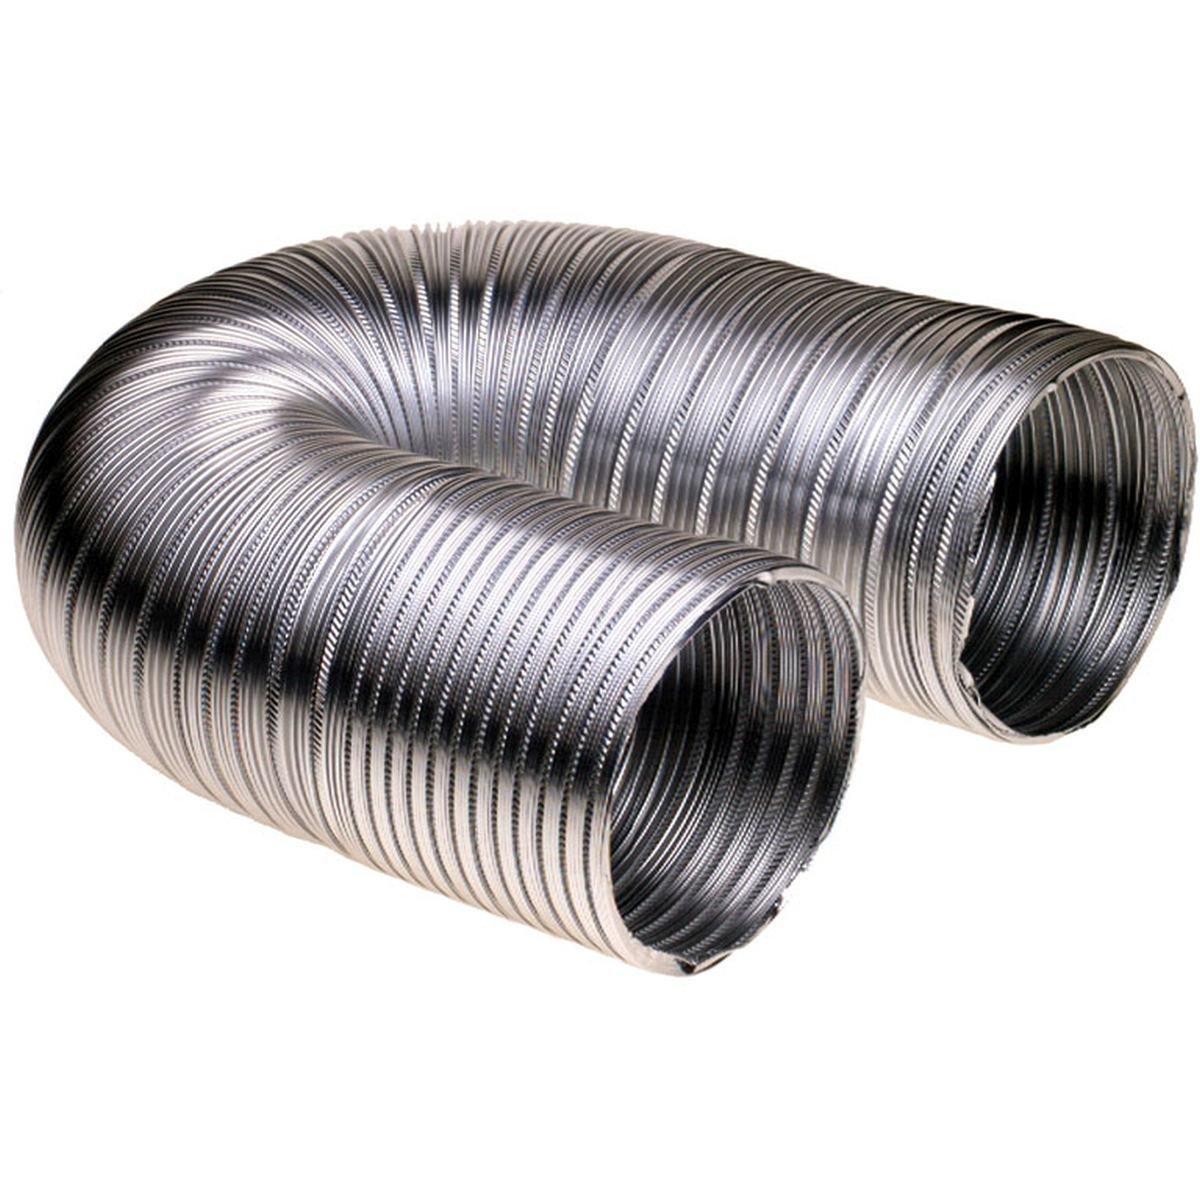 Aftræksslange i aluminium Ø127 mm. 1,5 meter